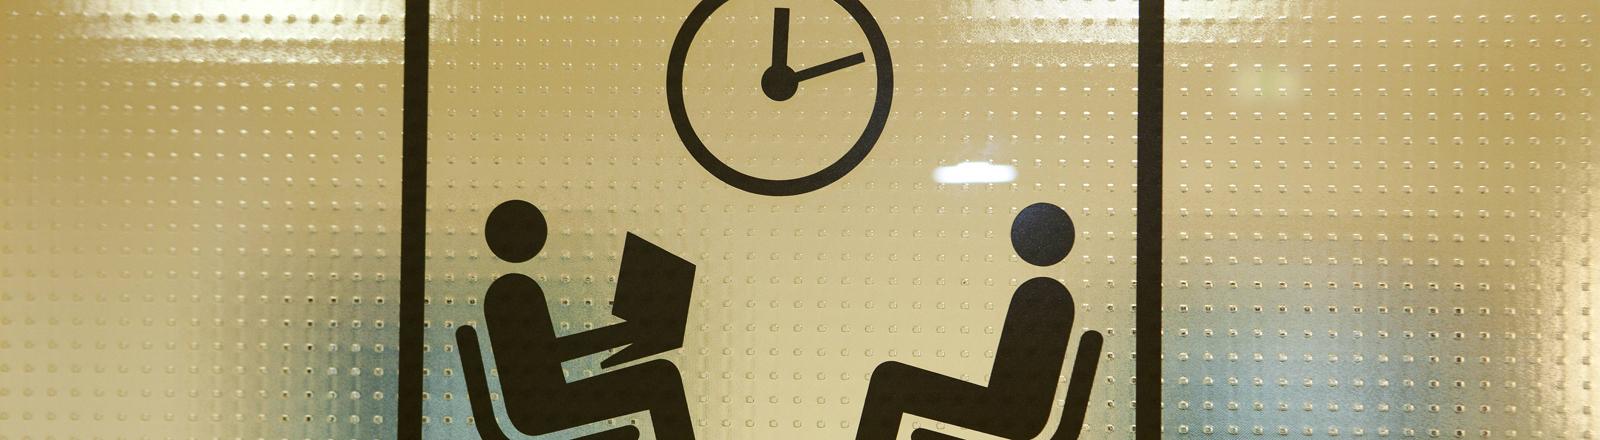 Wartezimmersymbol auf einer Glastüre